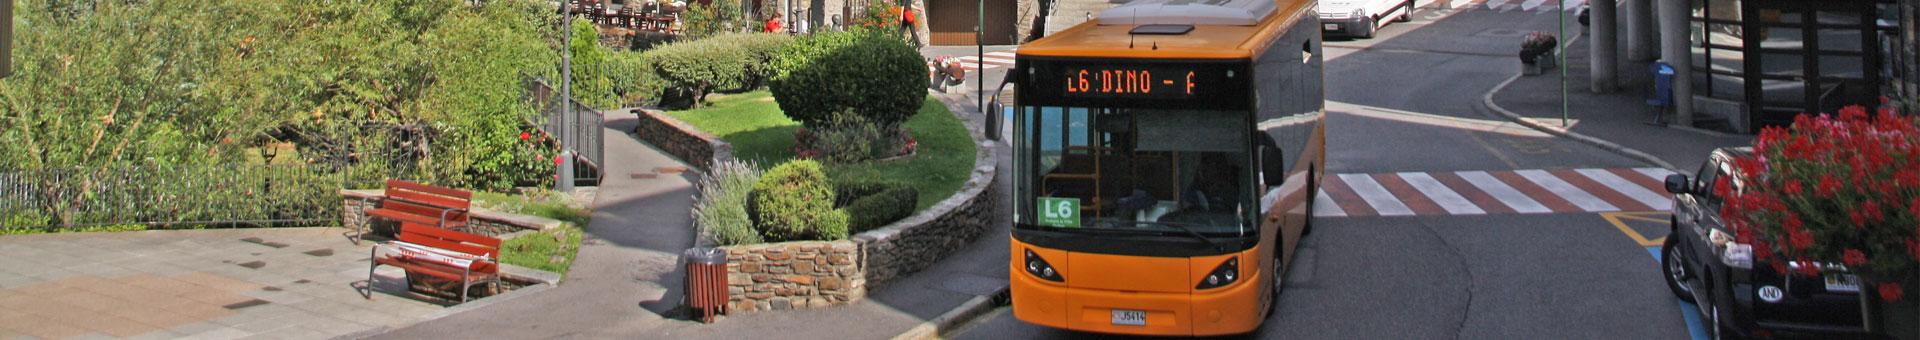 L6 Andorra la Vella – Ordino